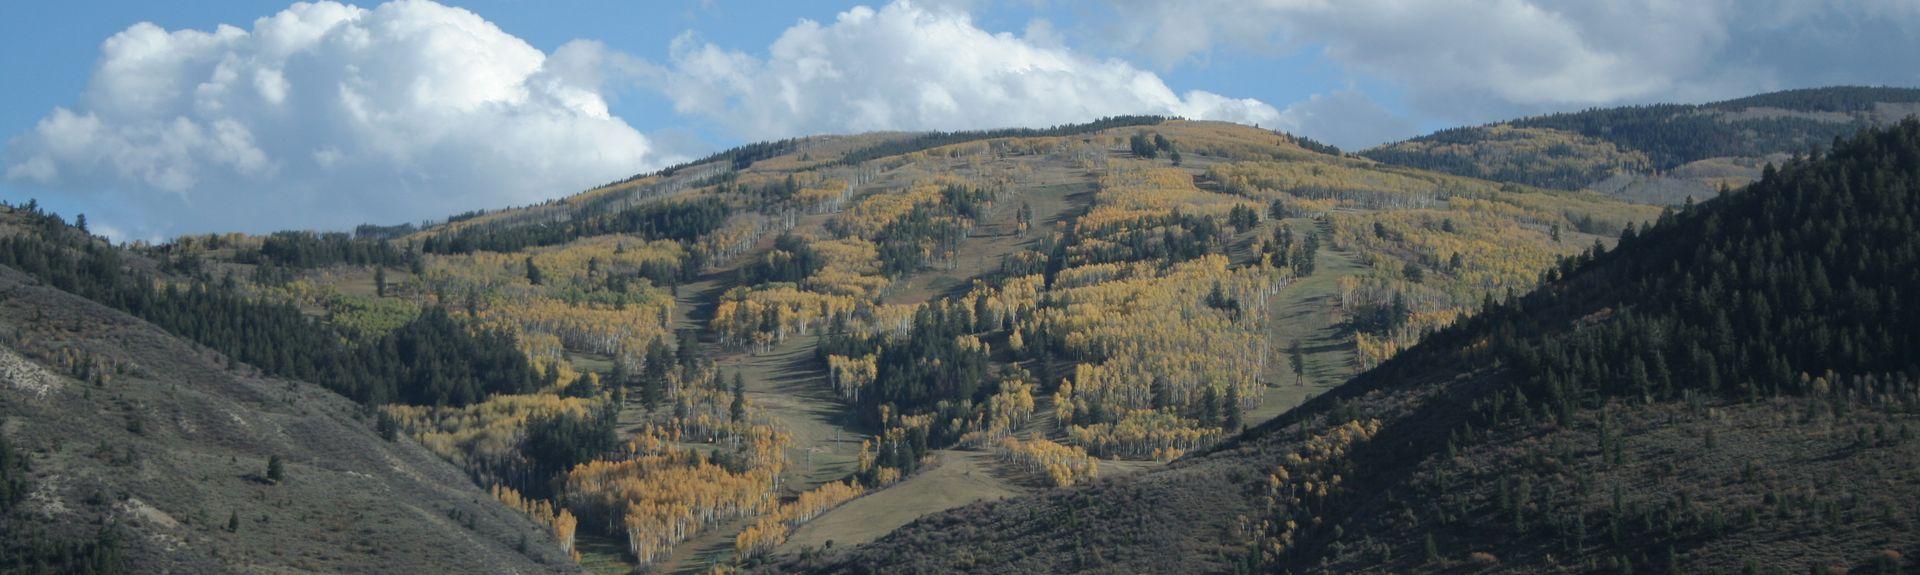 Arrowhead Mountain Resort (Edwards, Colorado, USA)